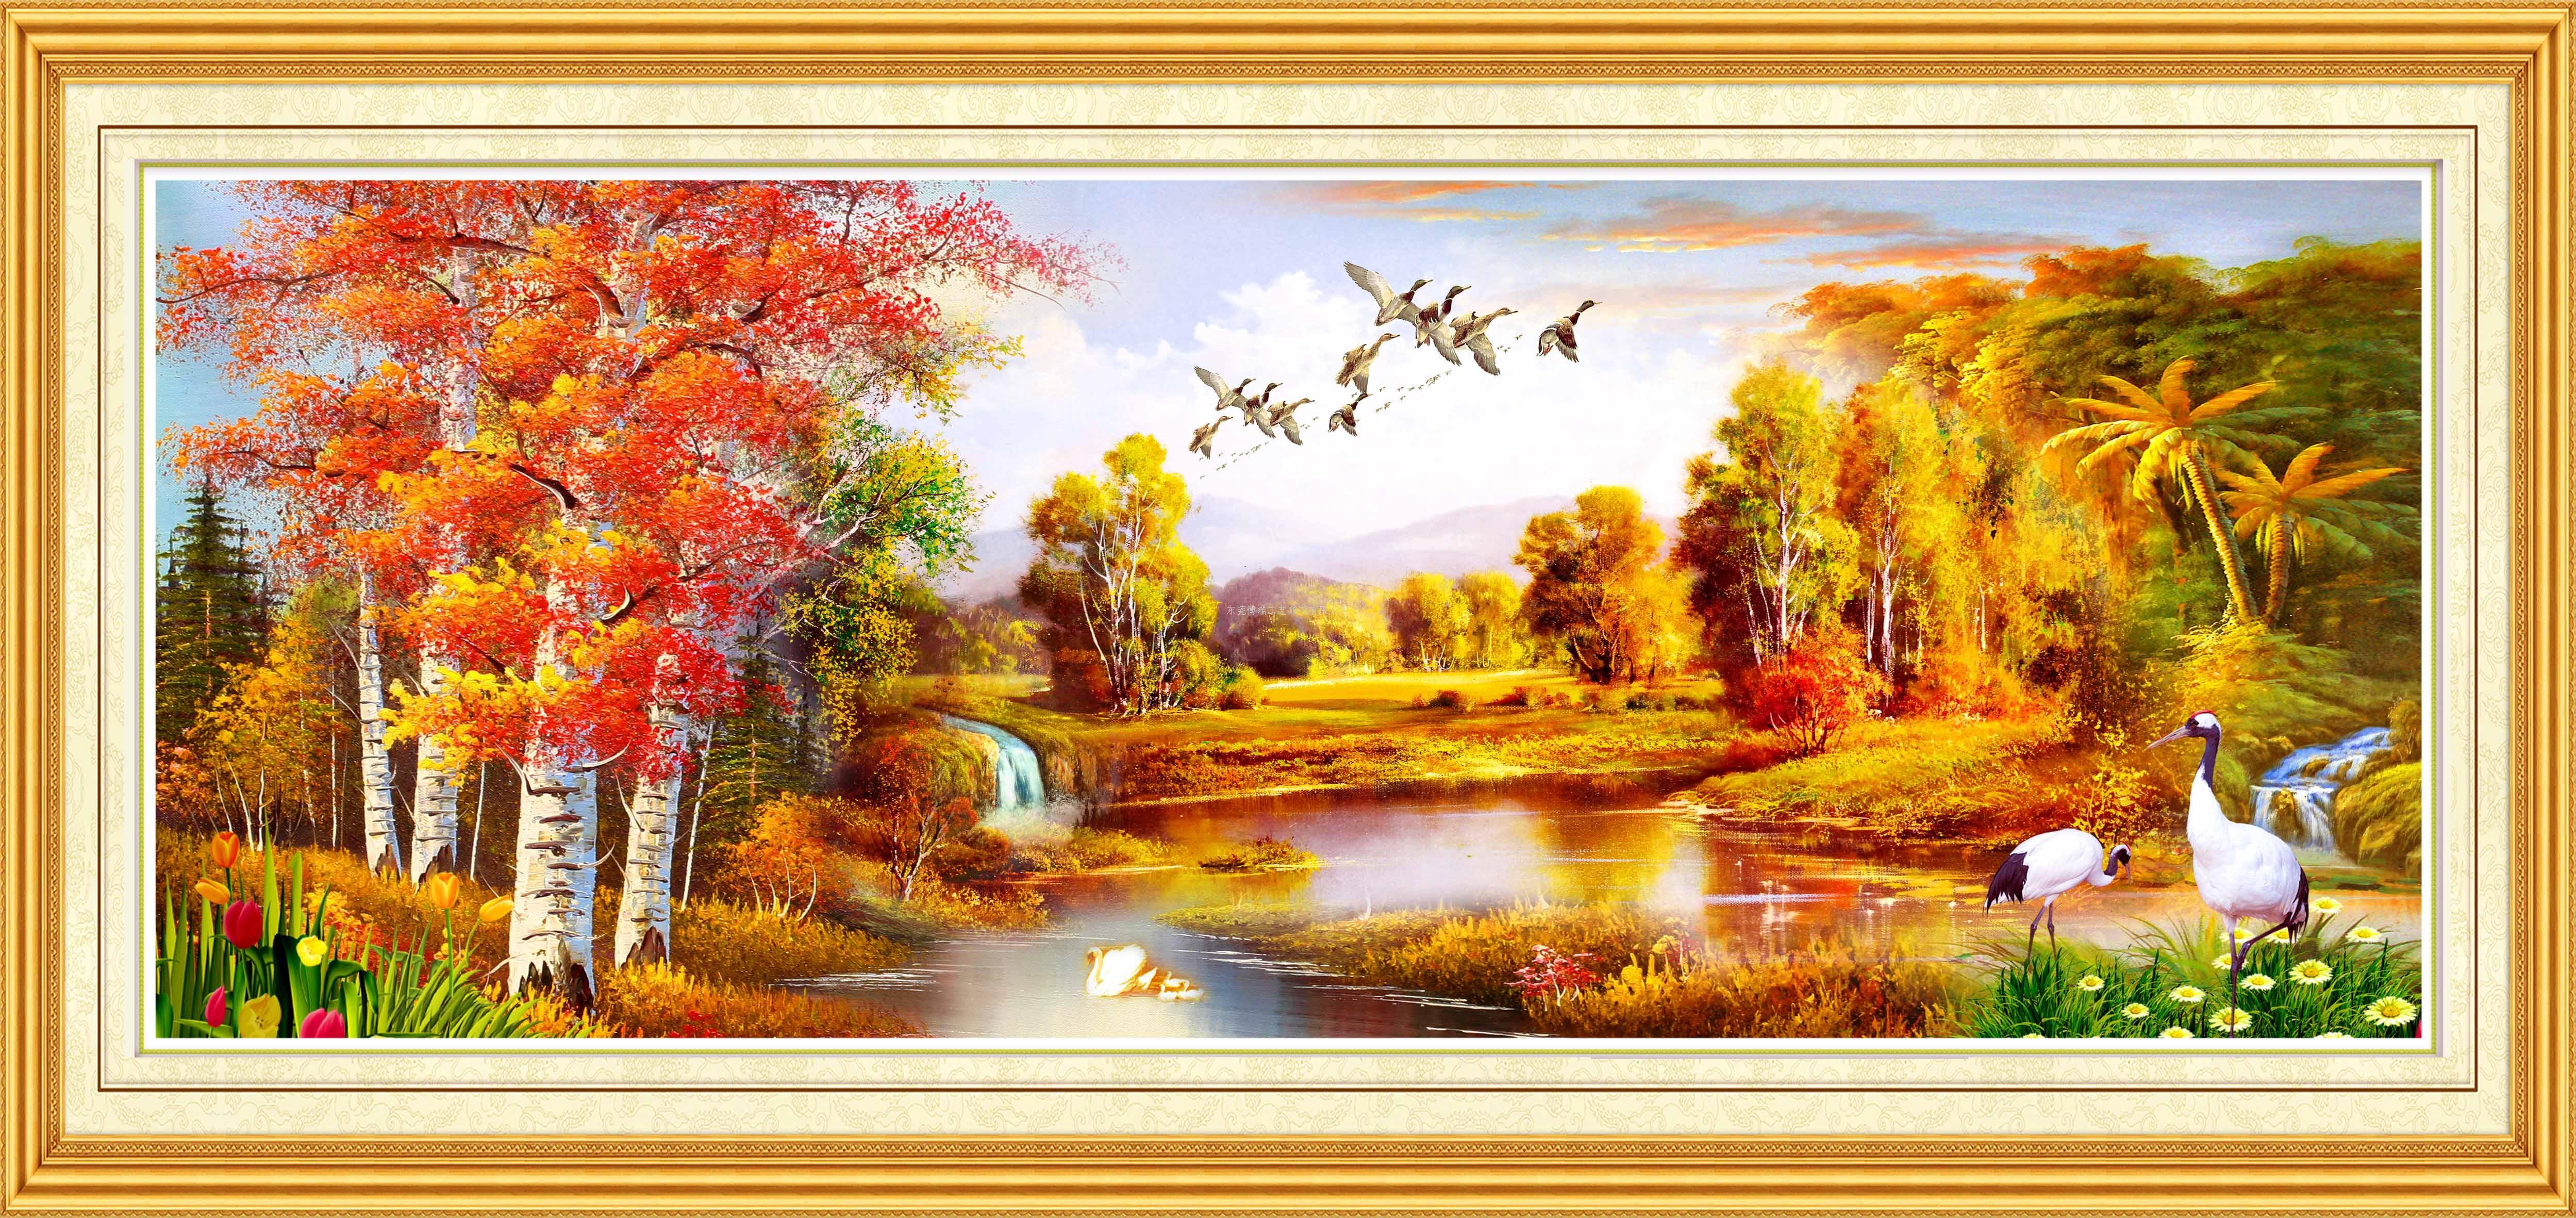 因为瀑布寓意财源滚滚,源远流长,左右飞瀑或叠泉则寓意左右逢源.